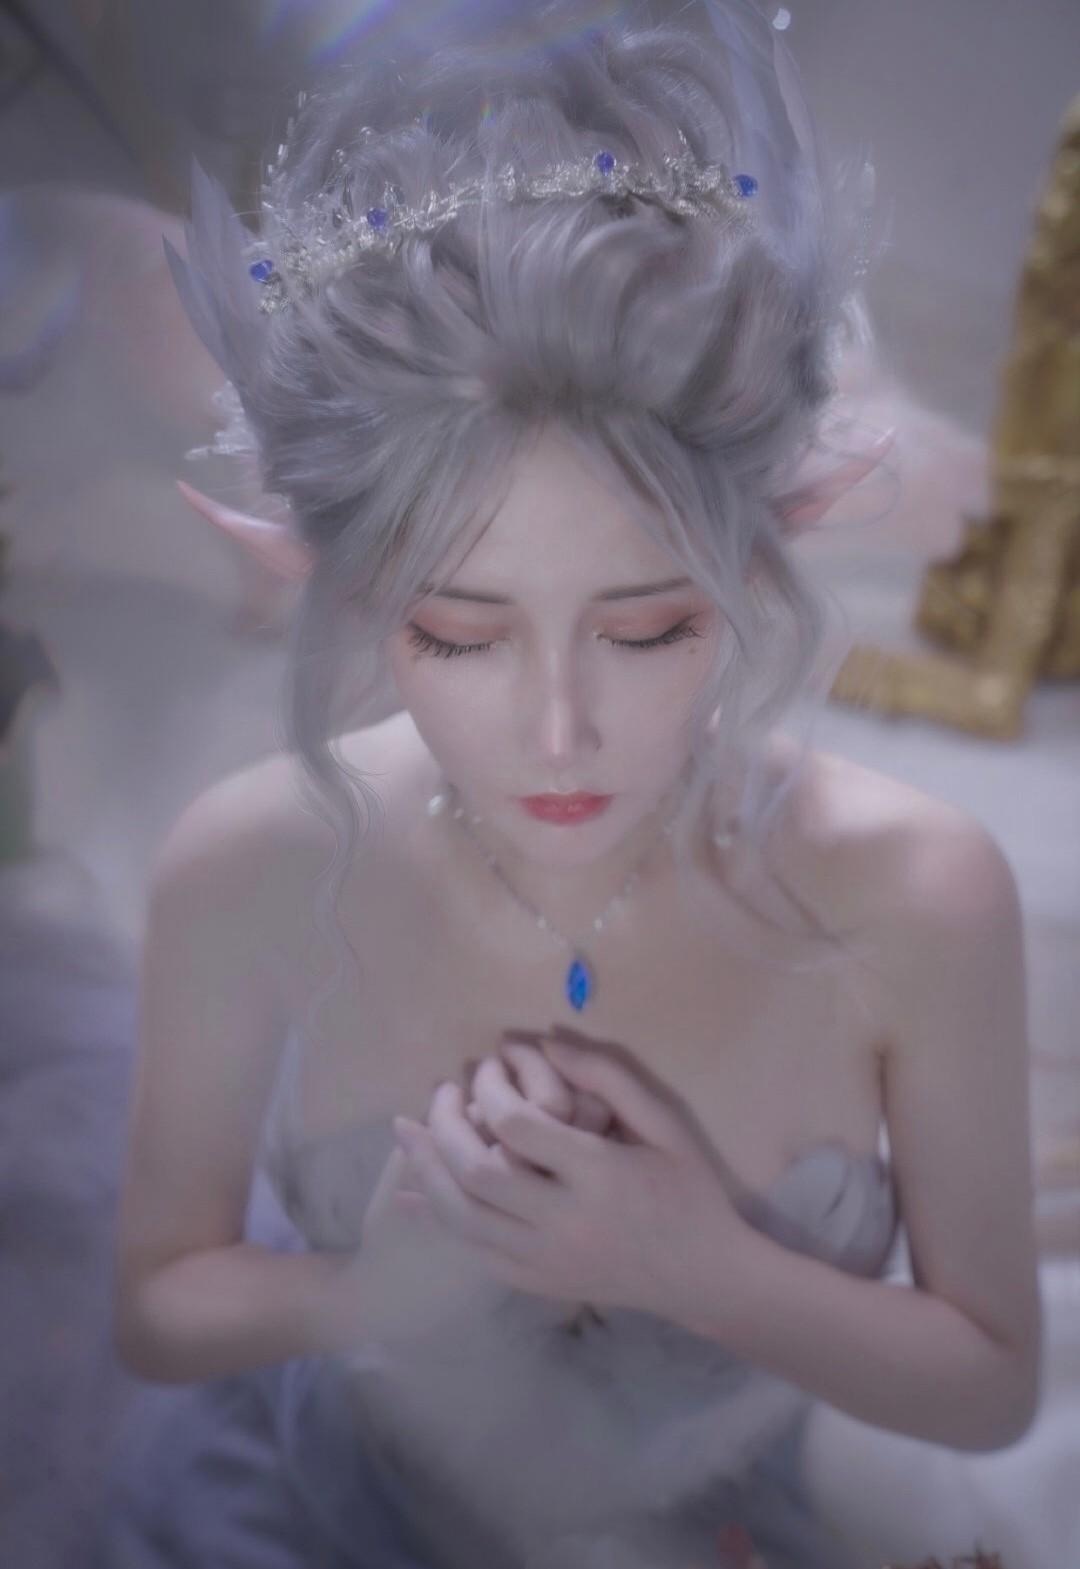 【COS】鬼刀-冰公主cn:maou_0618 -第3张